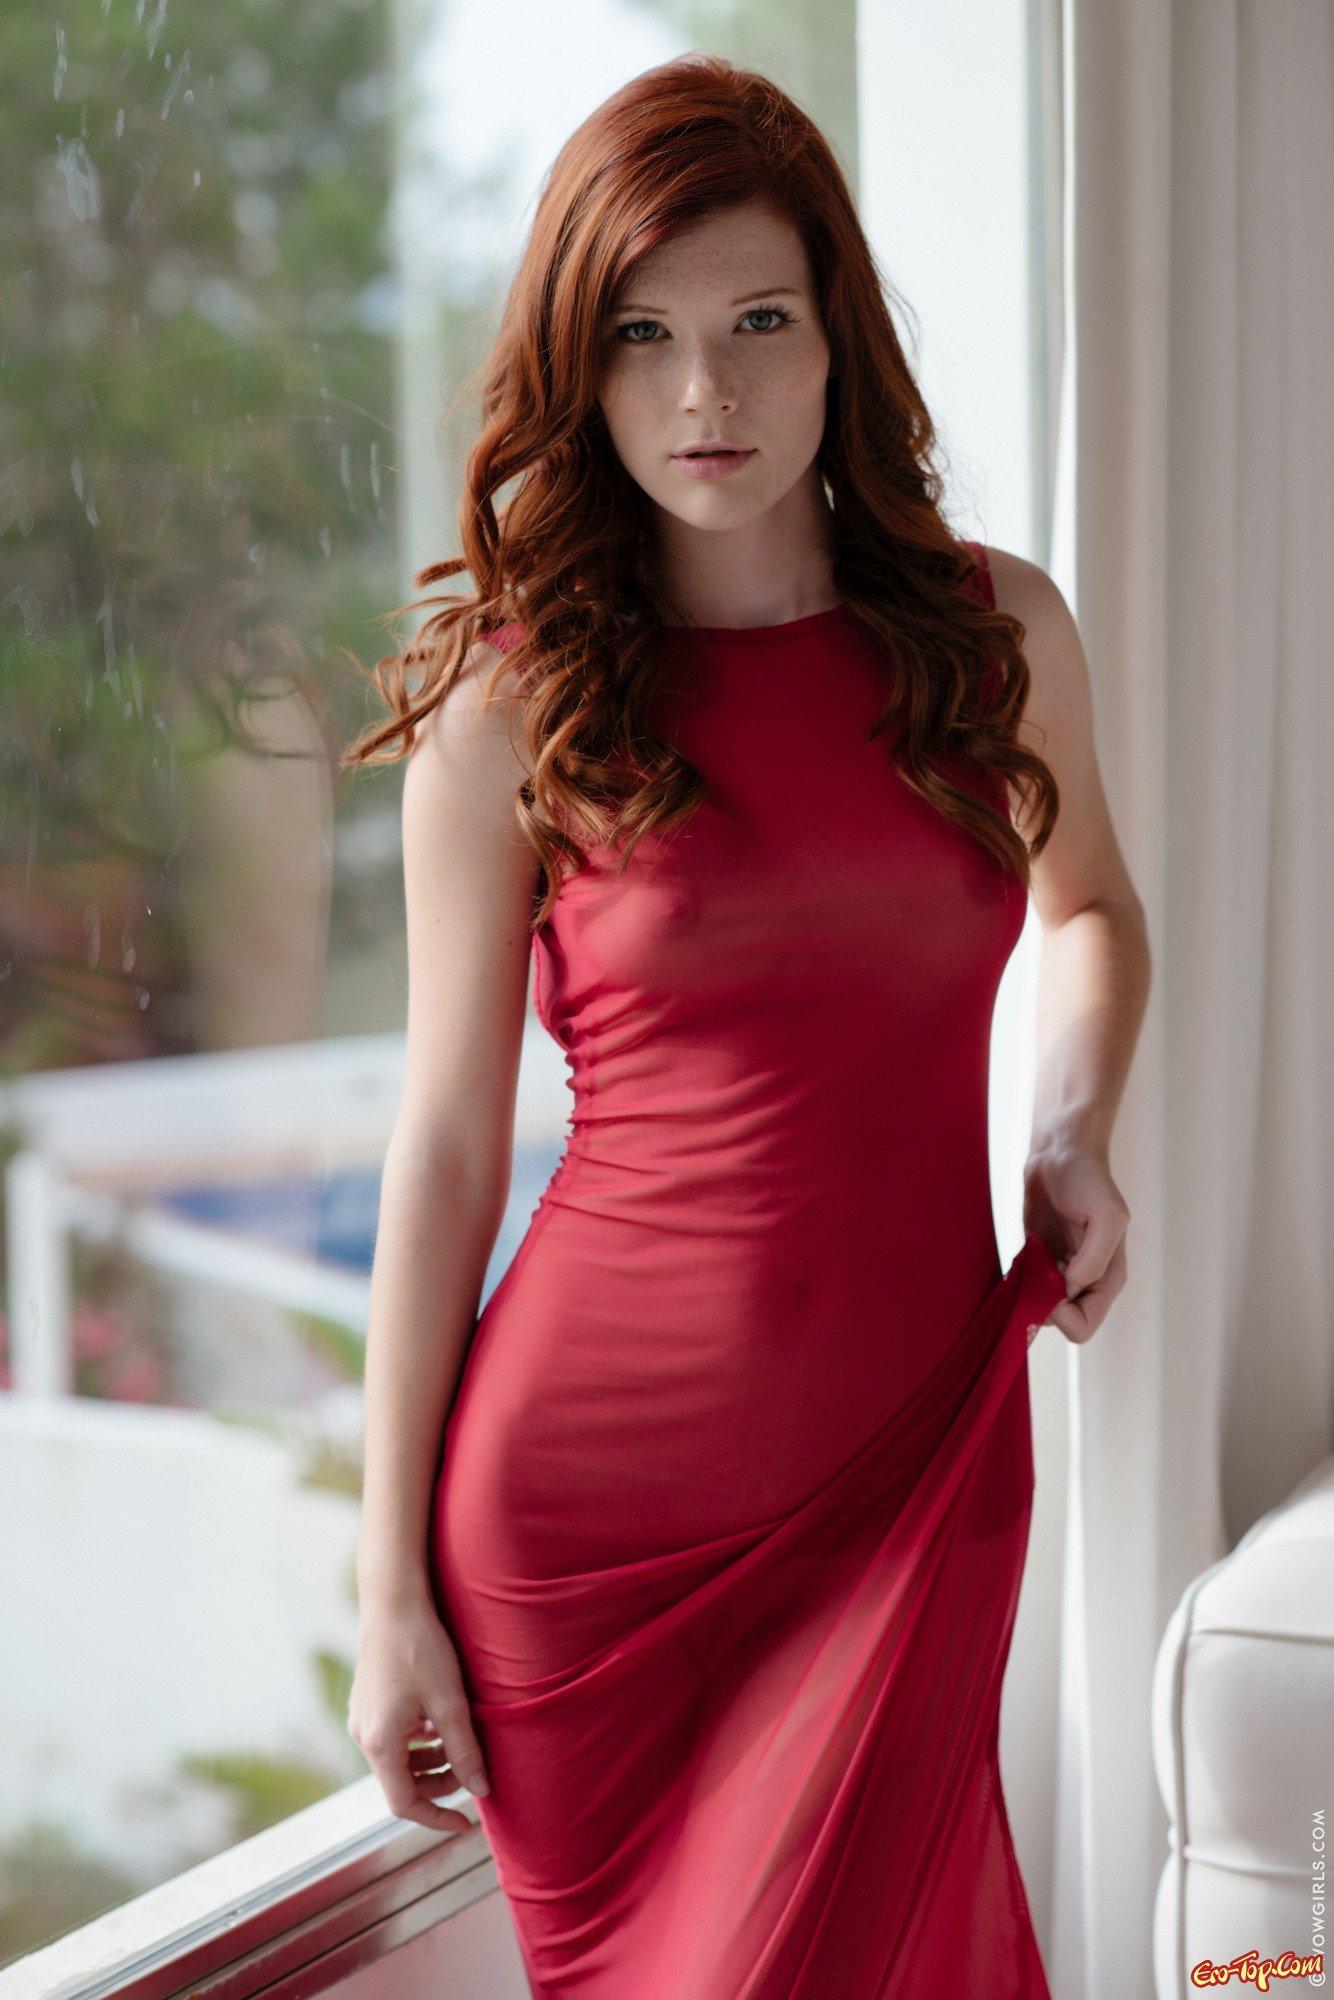 фото голая девушка в облегающем платье